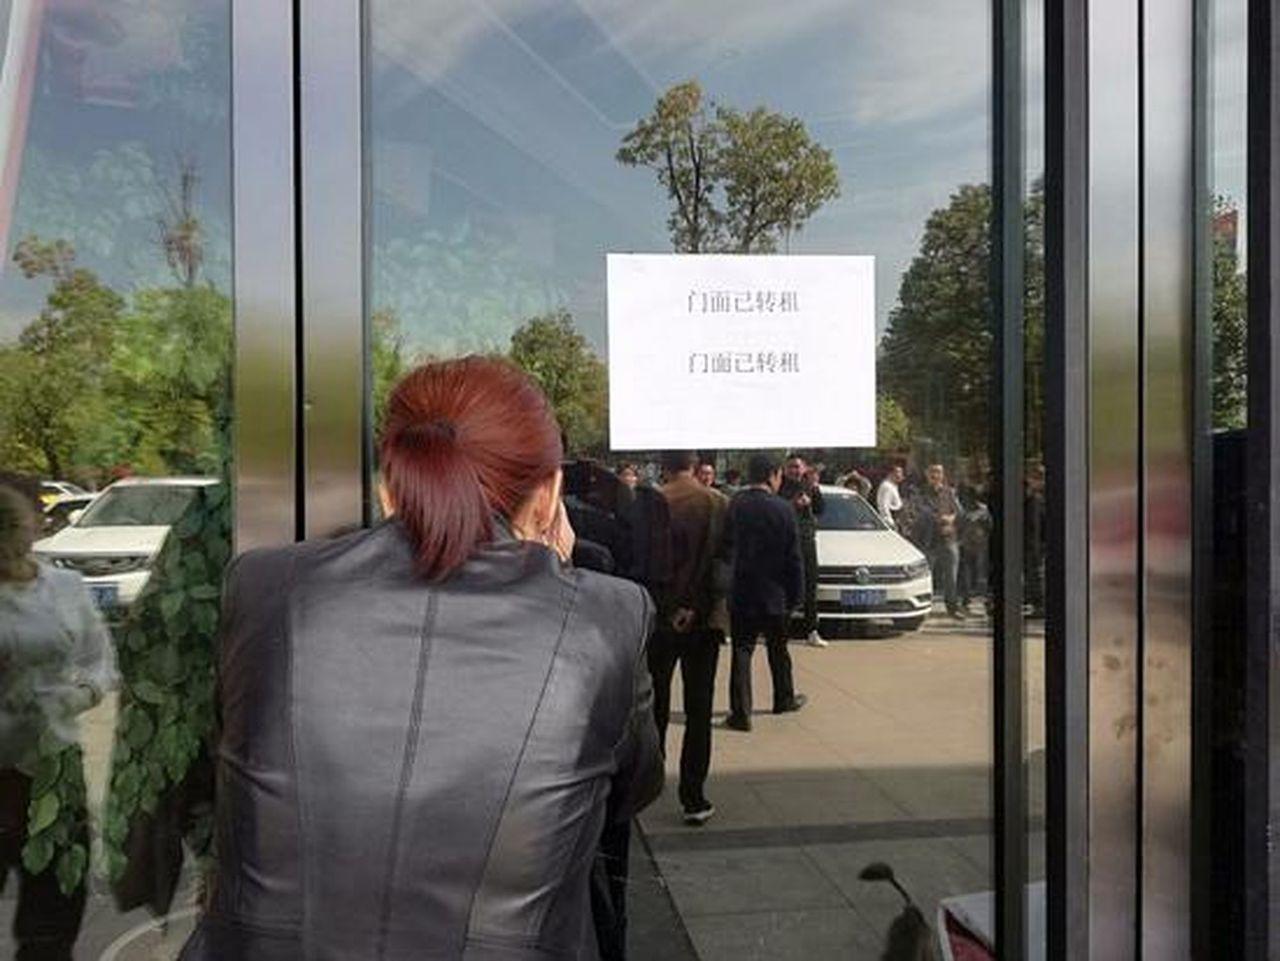 劉姓女乘客所在的門店先前還在營業,目前已暫停營業。(取材自微博)